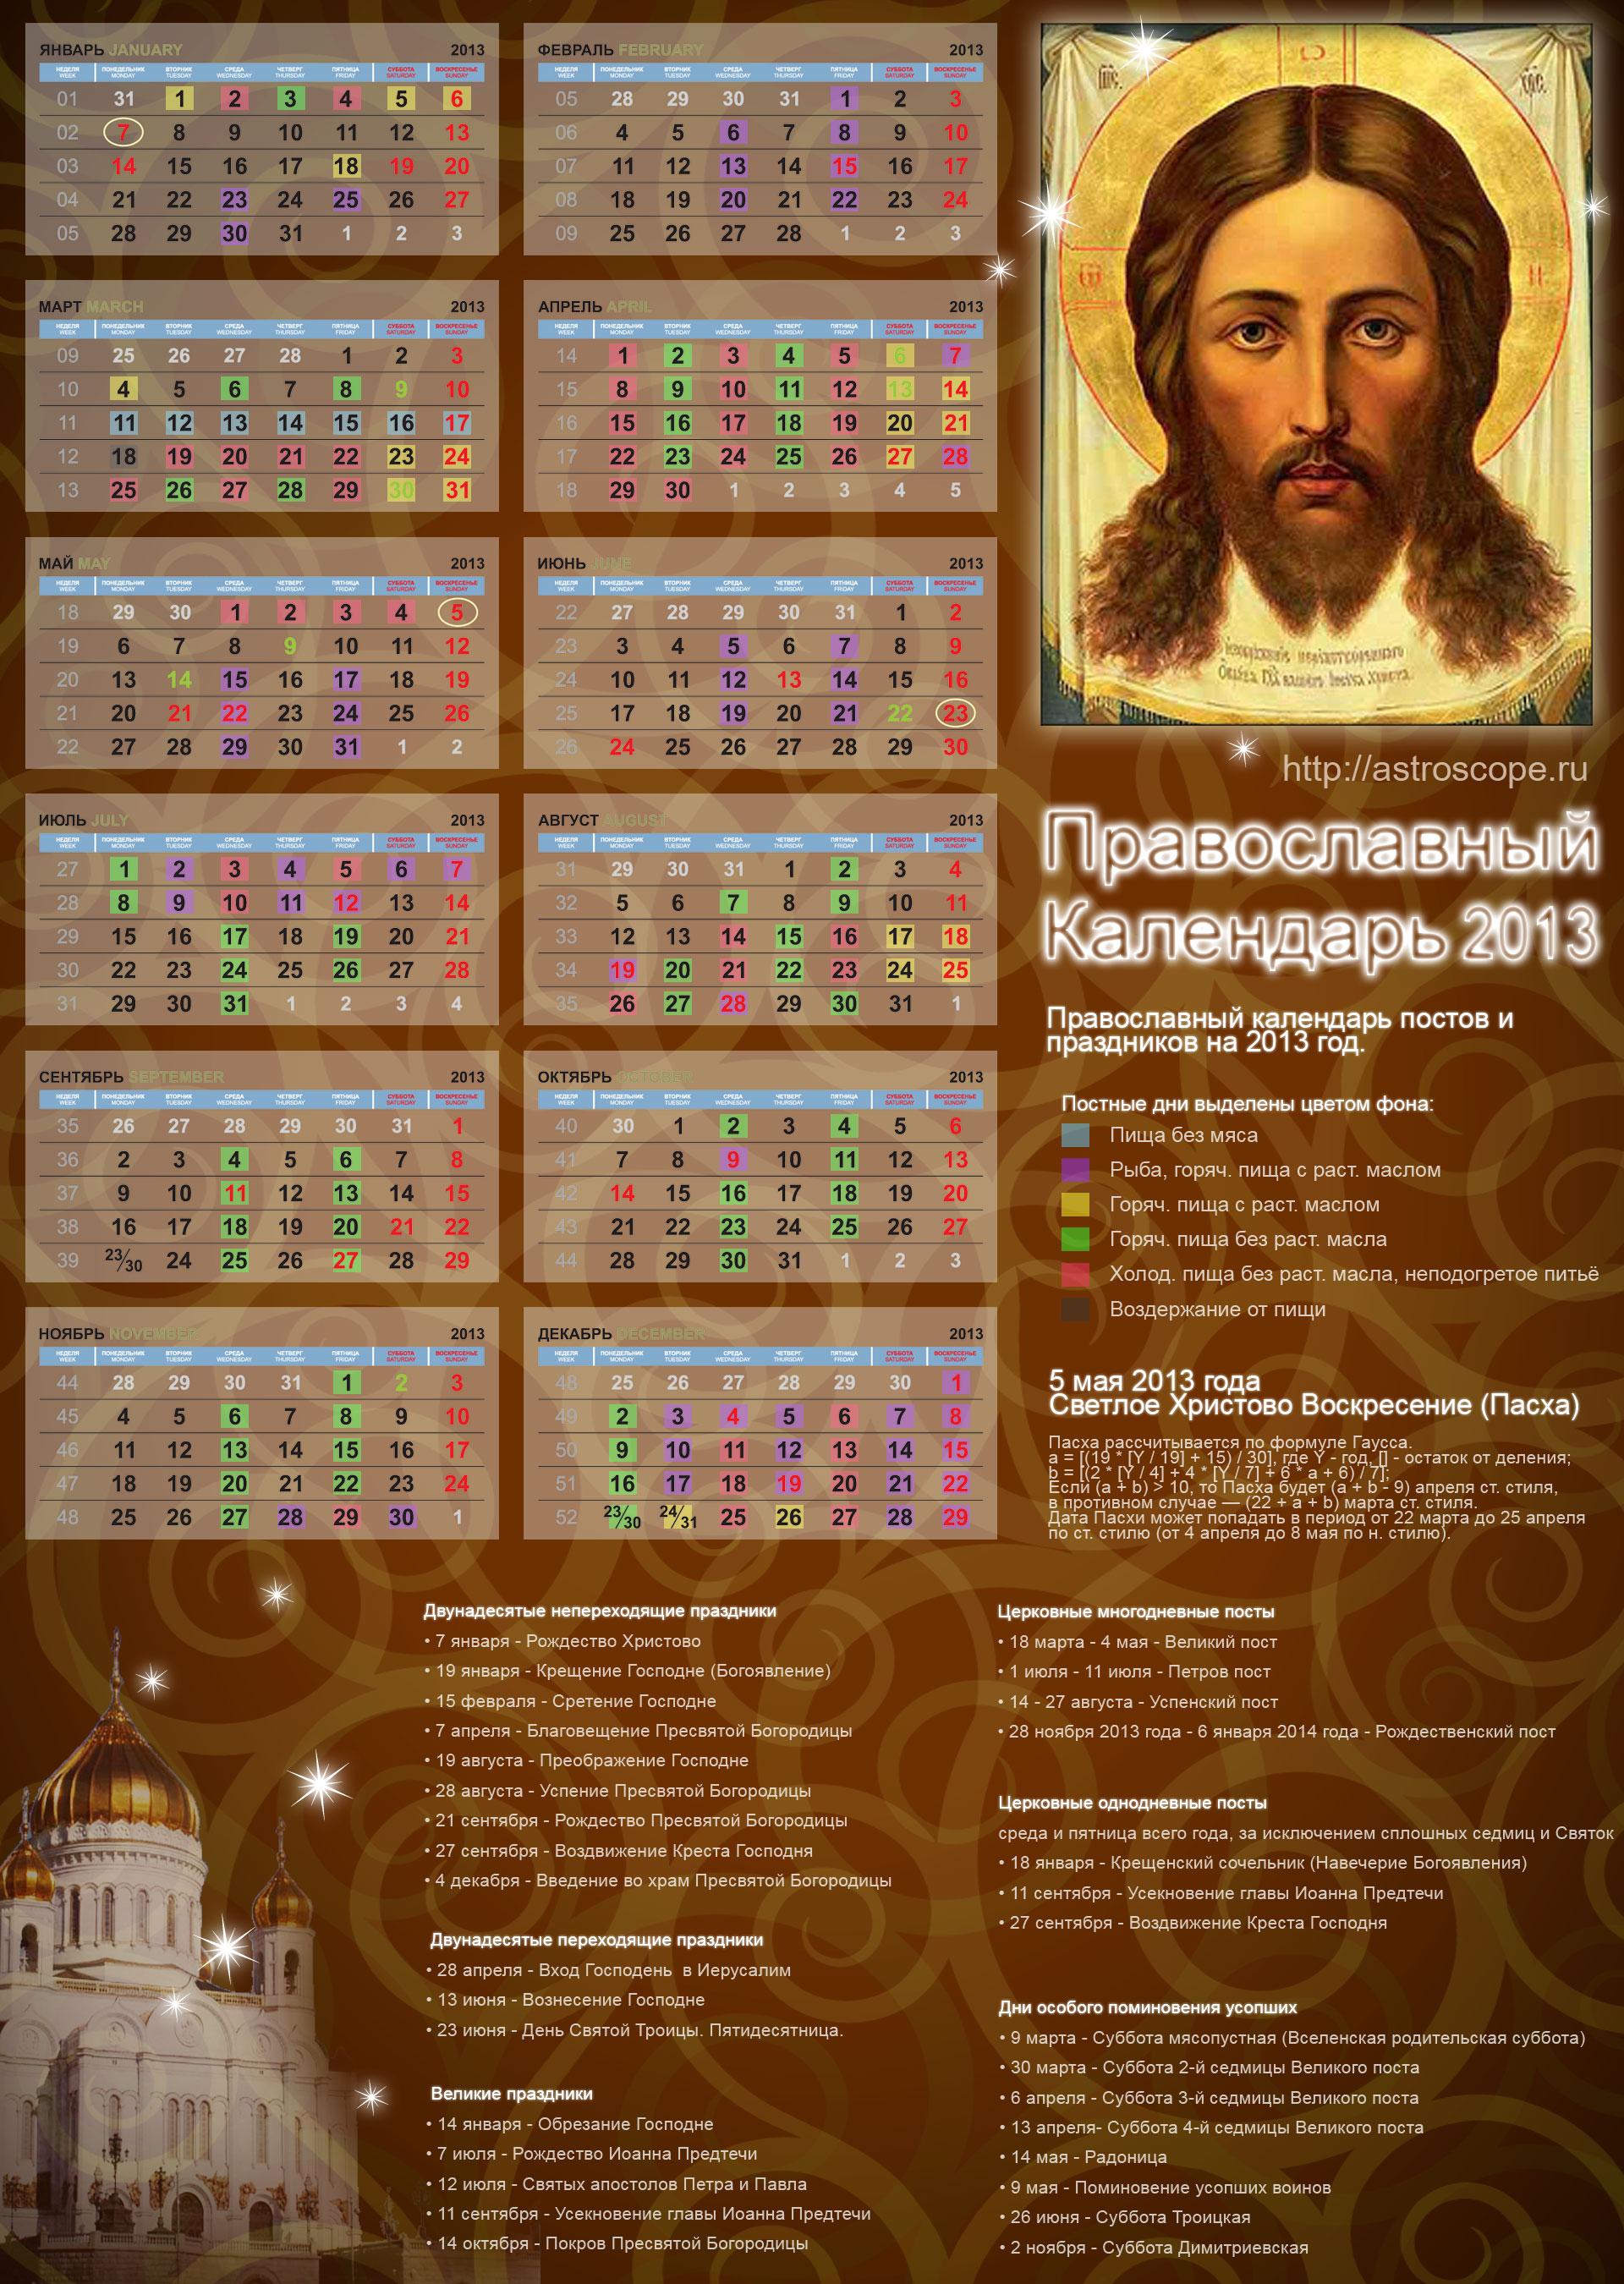 Самые благоприятные дни для стрижки по тибетскому календарю